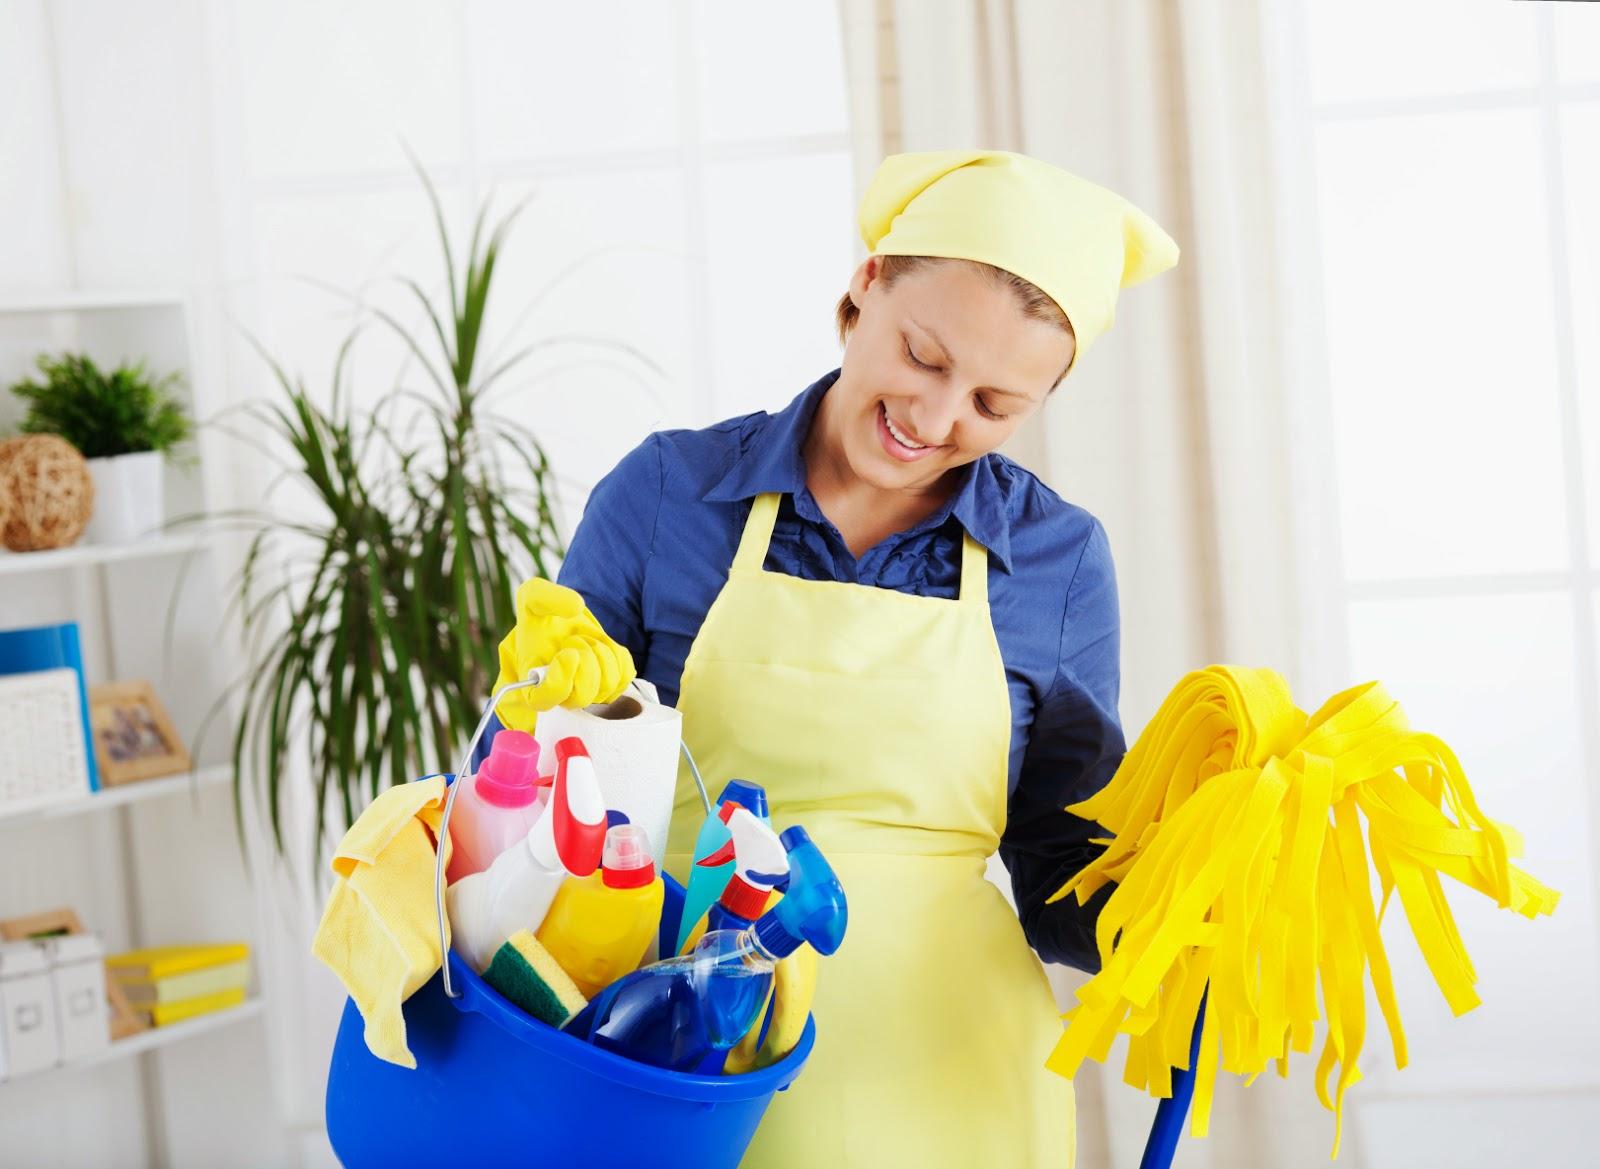 curatenie-menaj.ro , firme de curatenie , curatenie la domiciliu